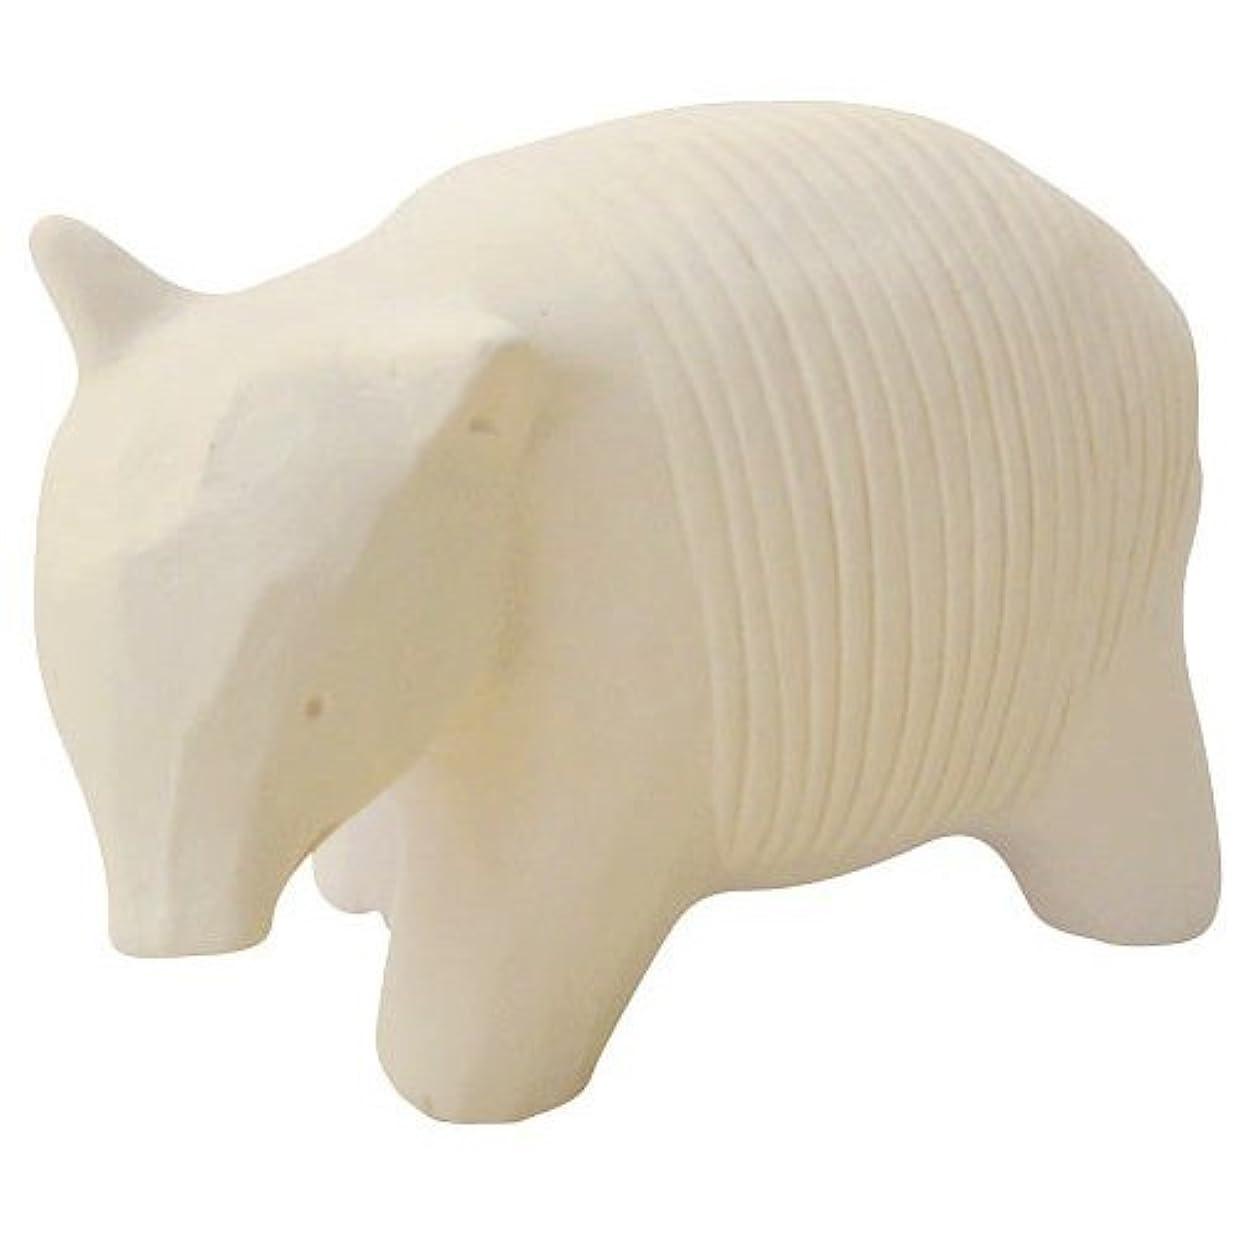 変装した力学部分的にのんびり動物 プチアロマ 白バク